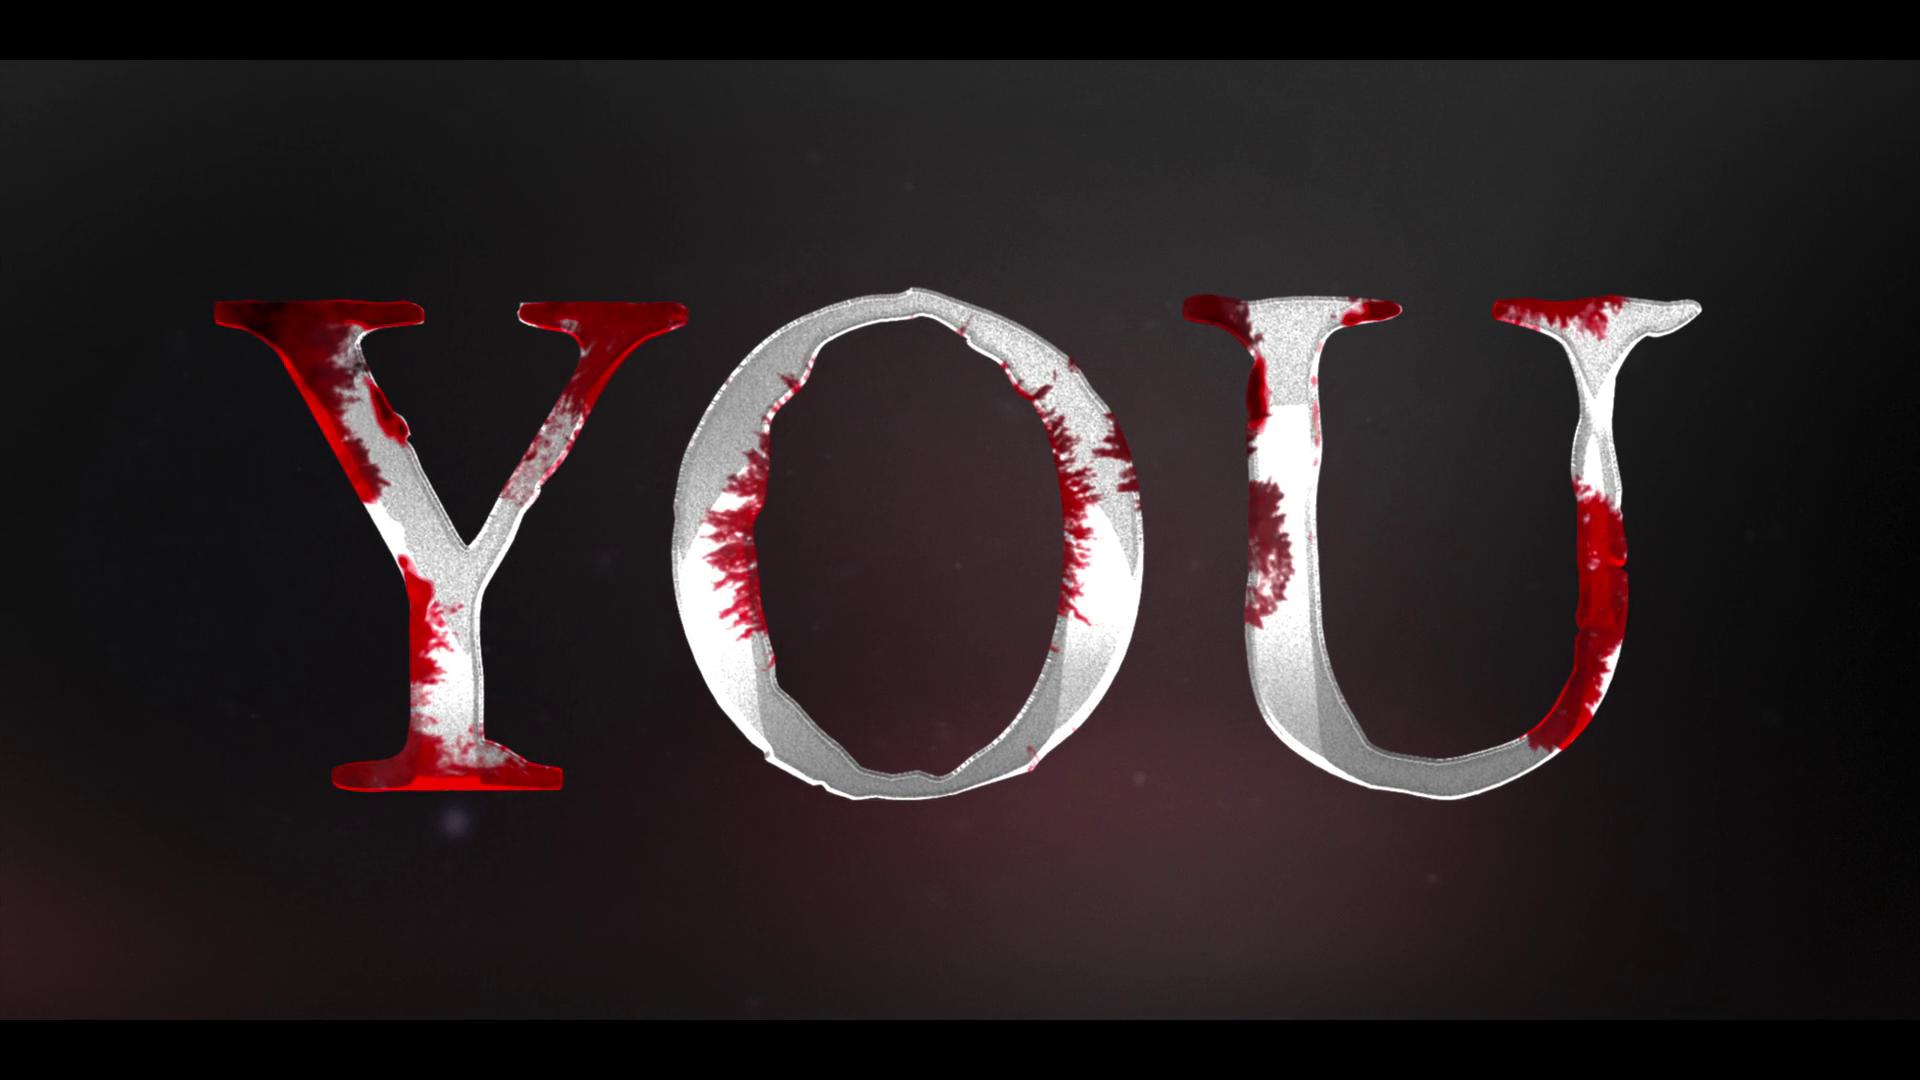 You (2019) Temporada 21080p WEB-DL Latino